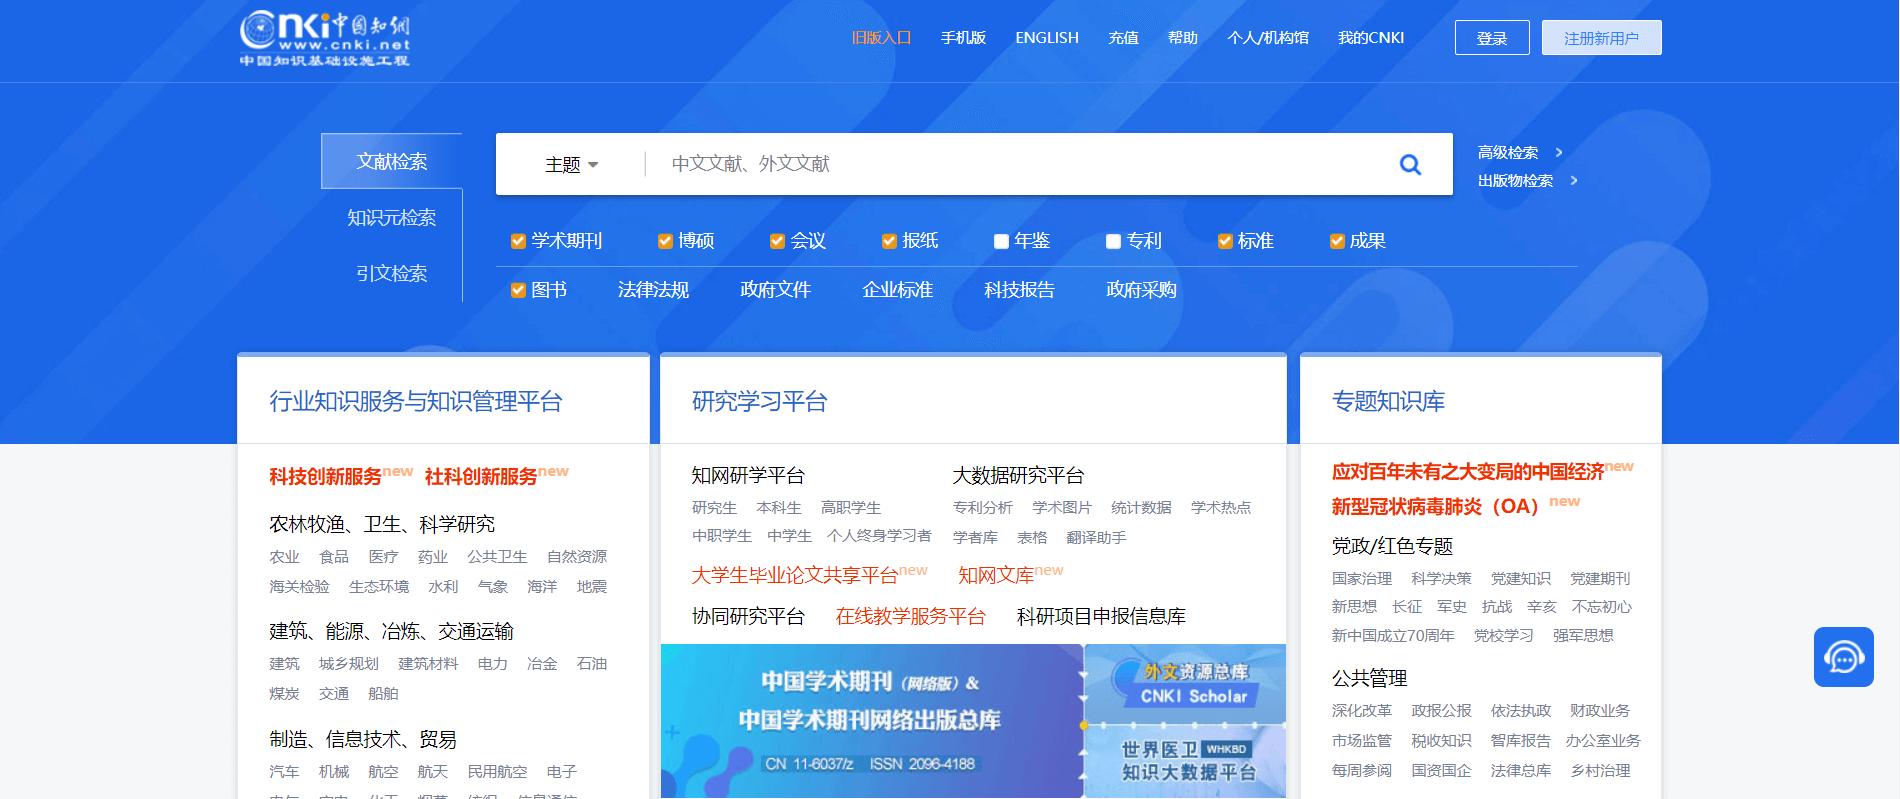 学术搜索引擎-论文必备工具-知网